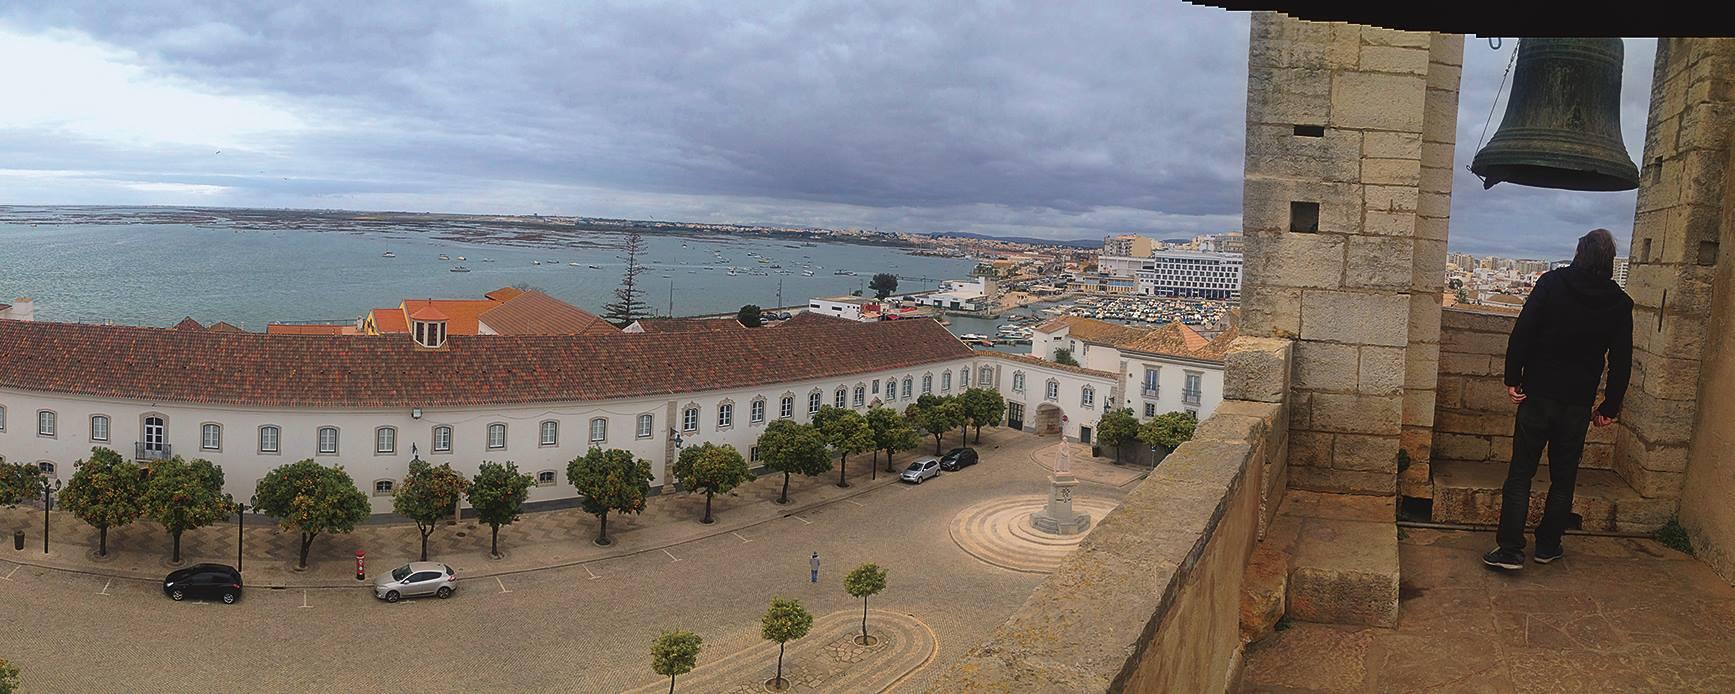 Blick vom Glockenturm der Kathedrale von Faro